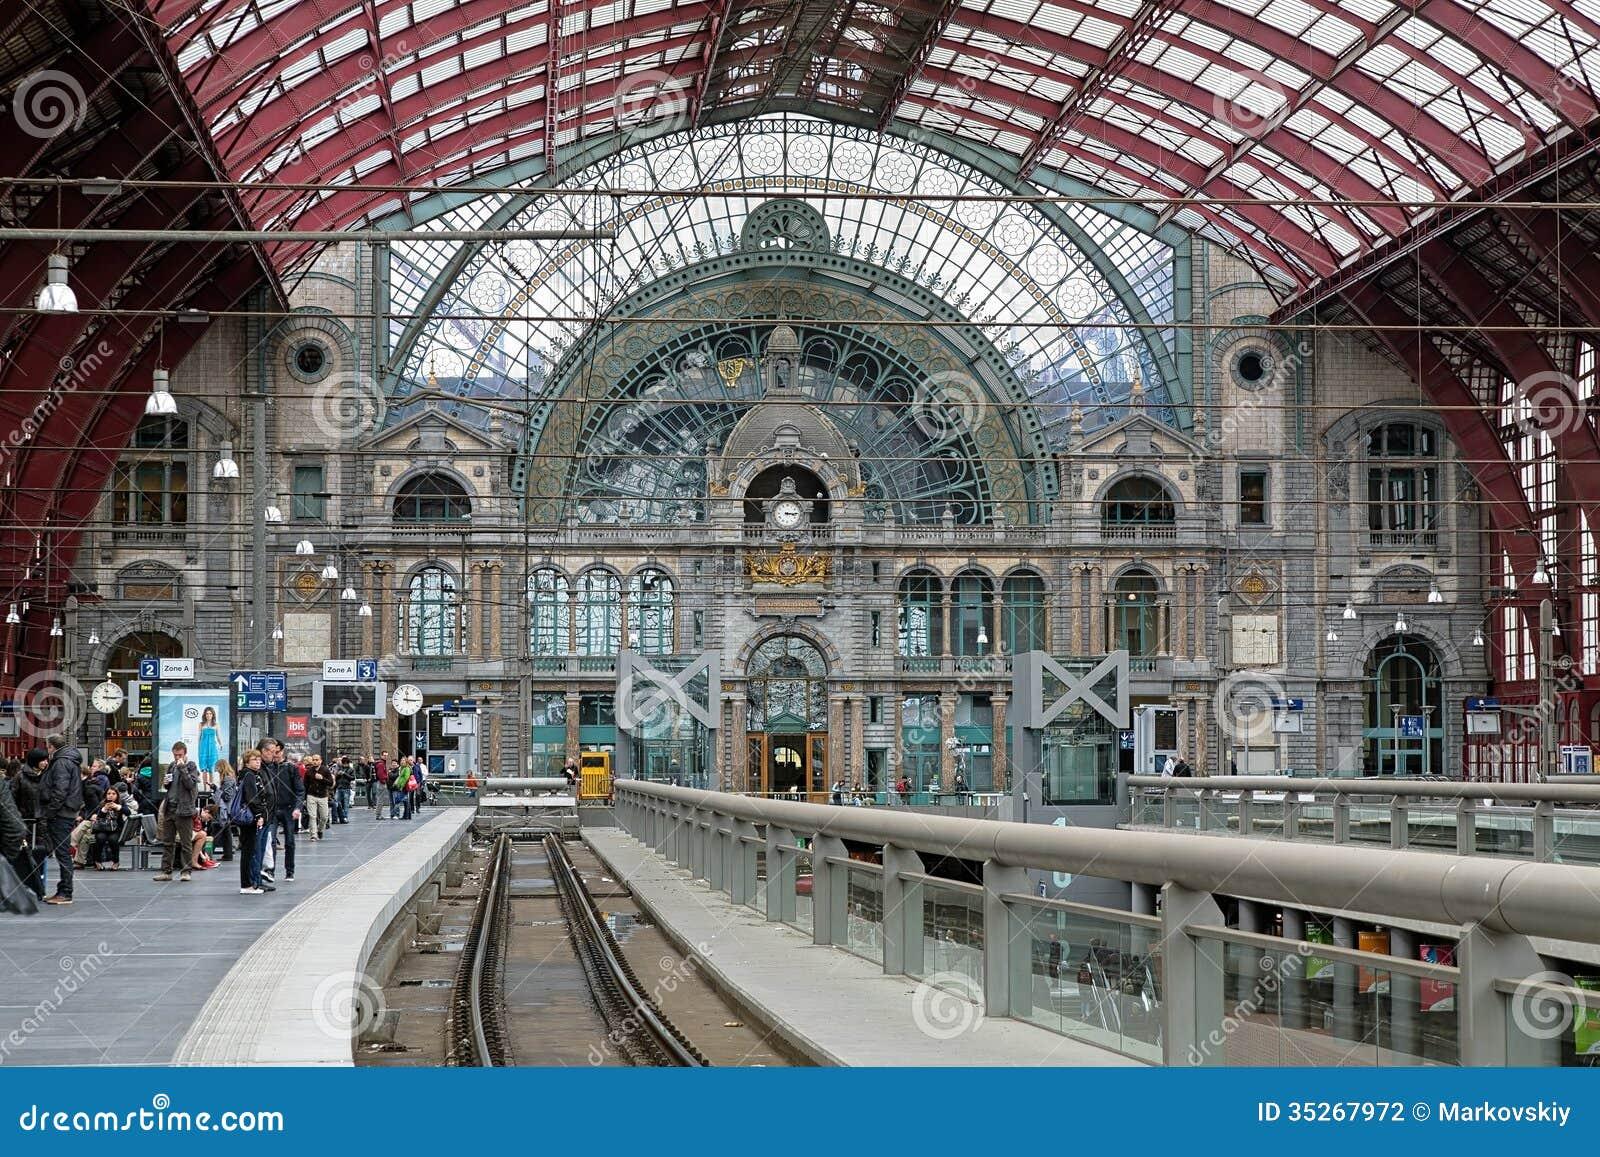 Nivel superior de la estación de tren central de Amberes